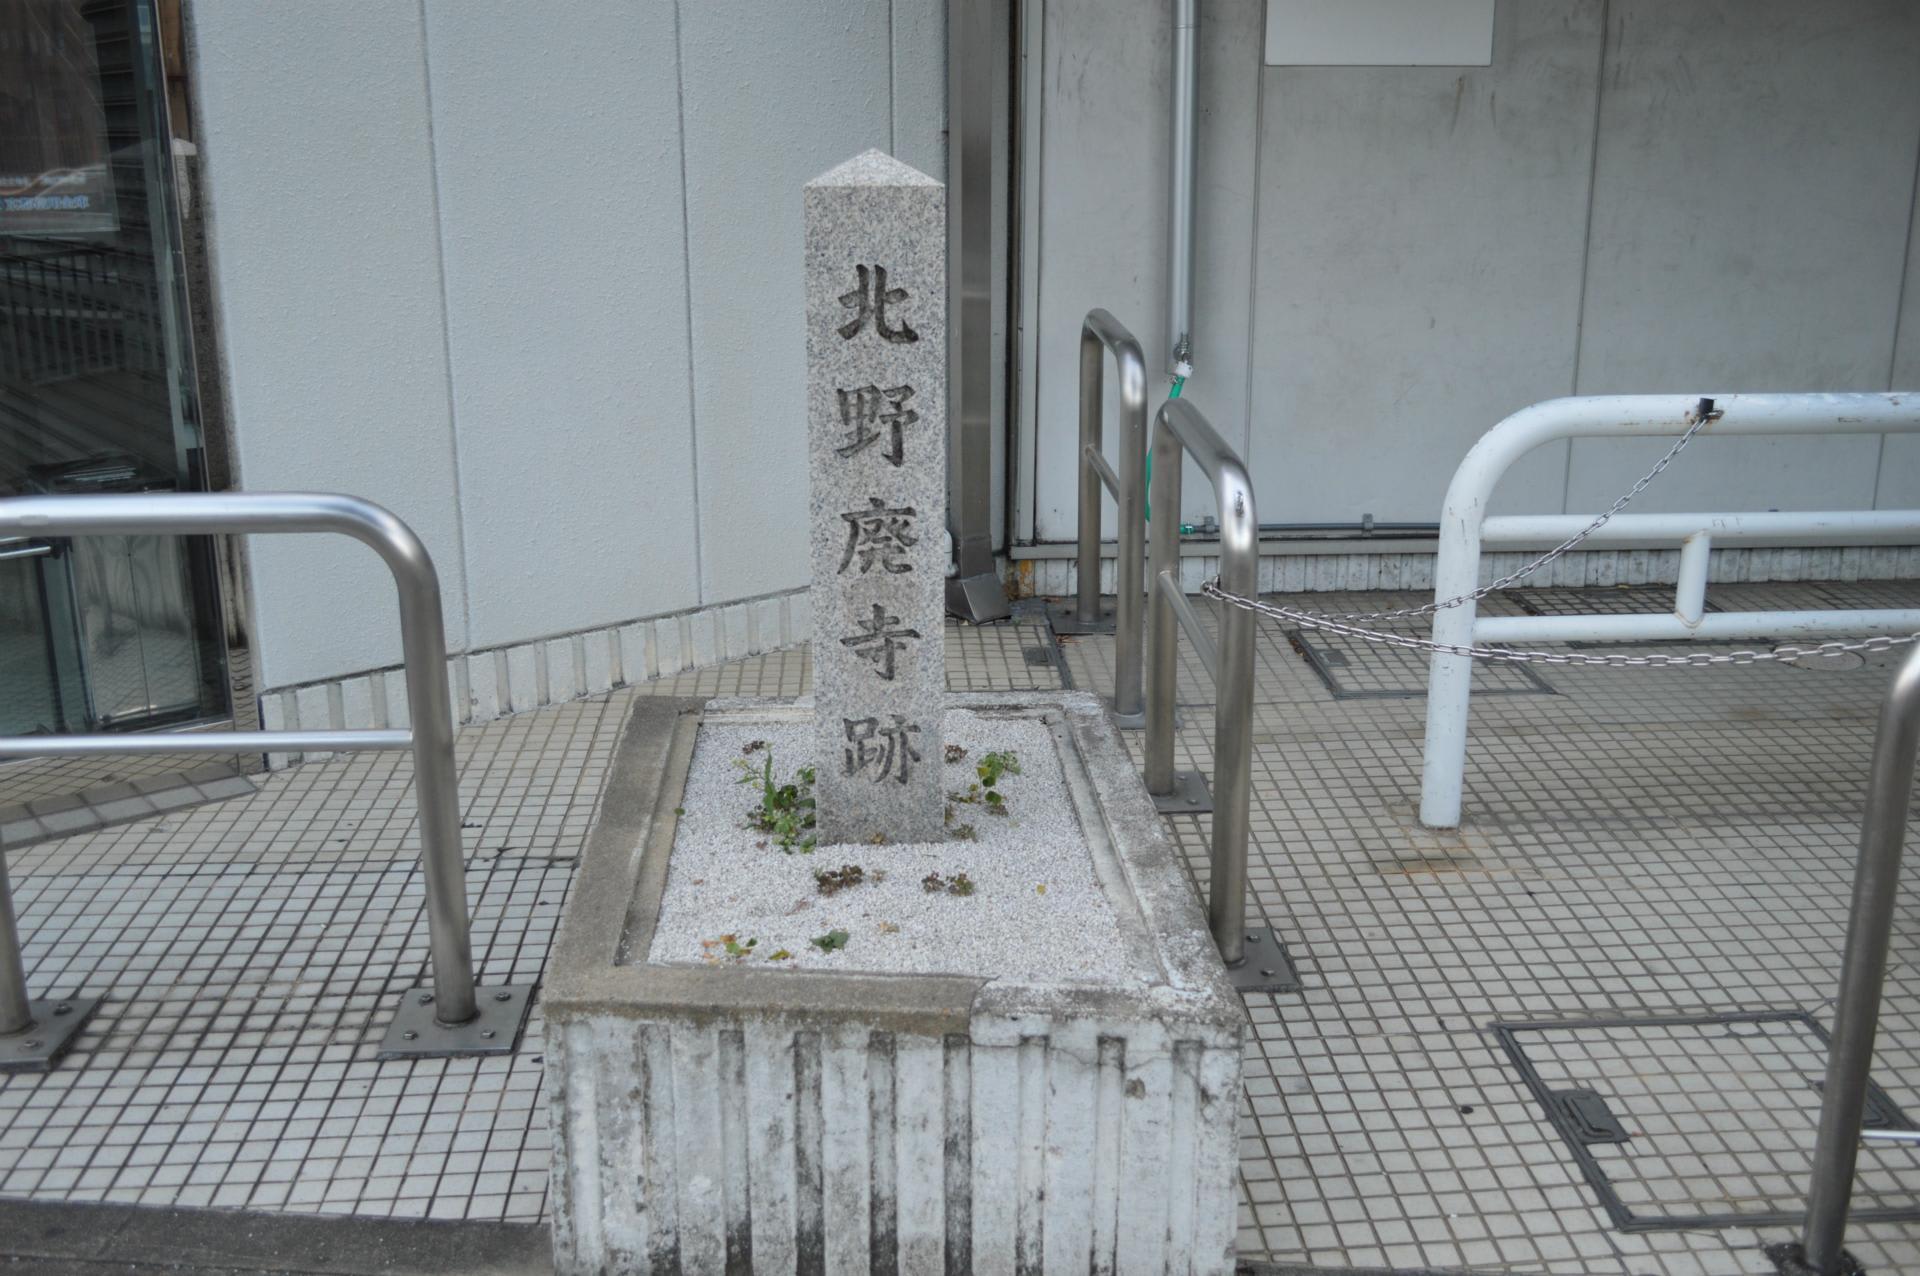 北野廃寺跡 京都市内で唯一の飛鳥時代の遺跡 - アートプラス京めぐり